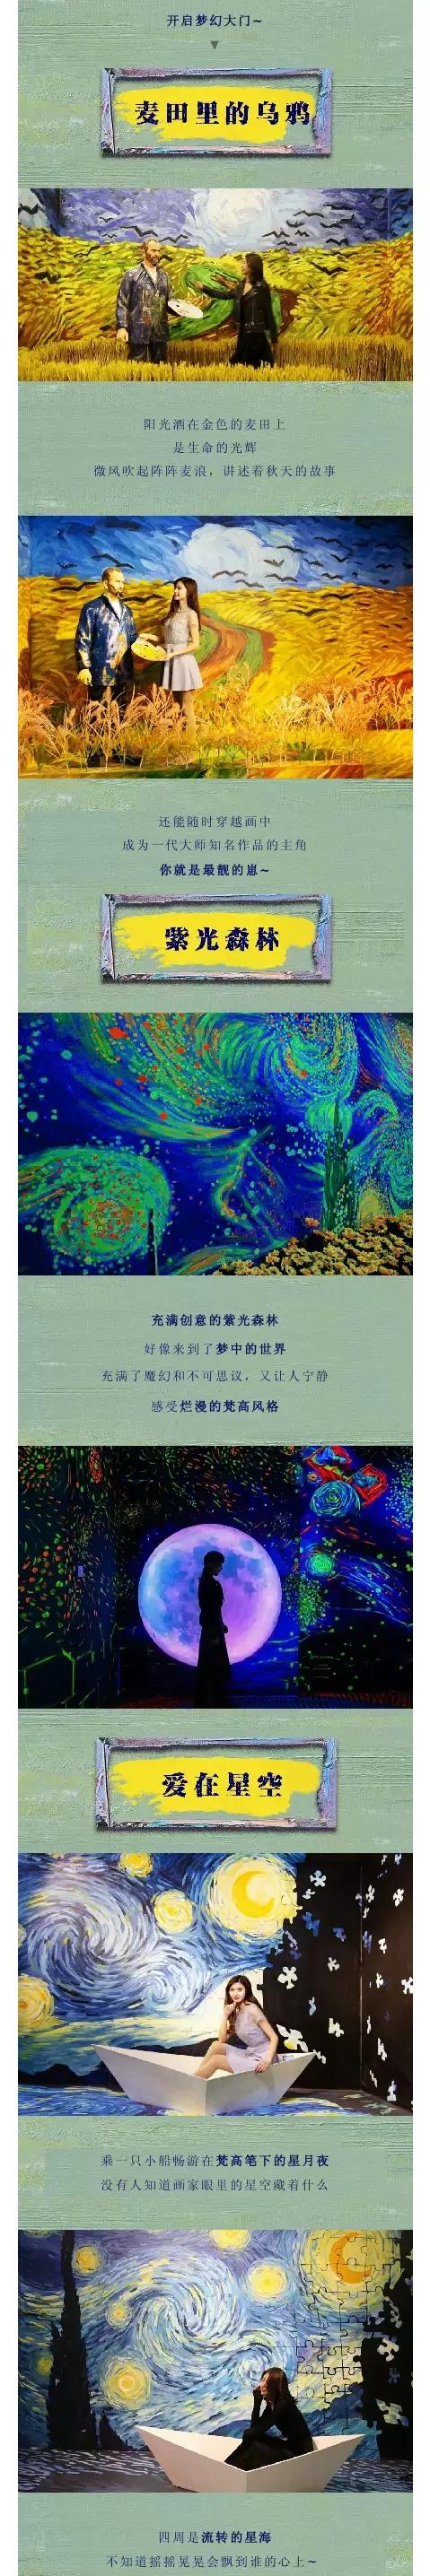 2021沈阳梵高星空艺术馆